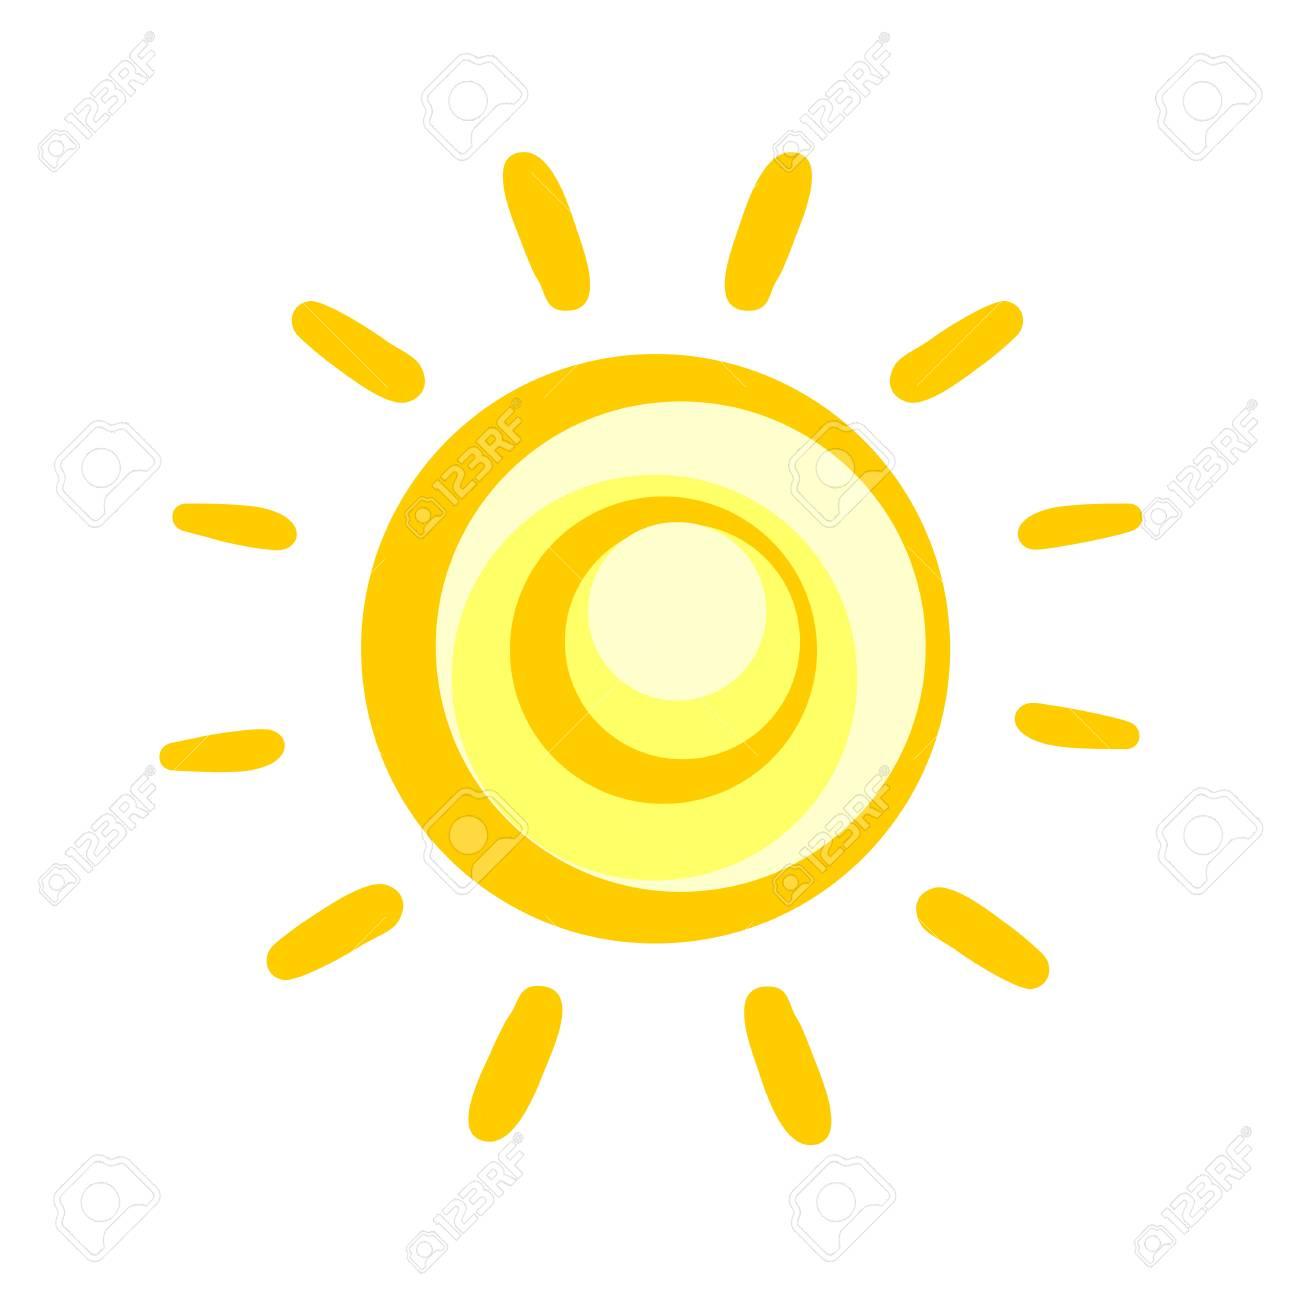 abstract sun - 38927720